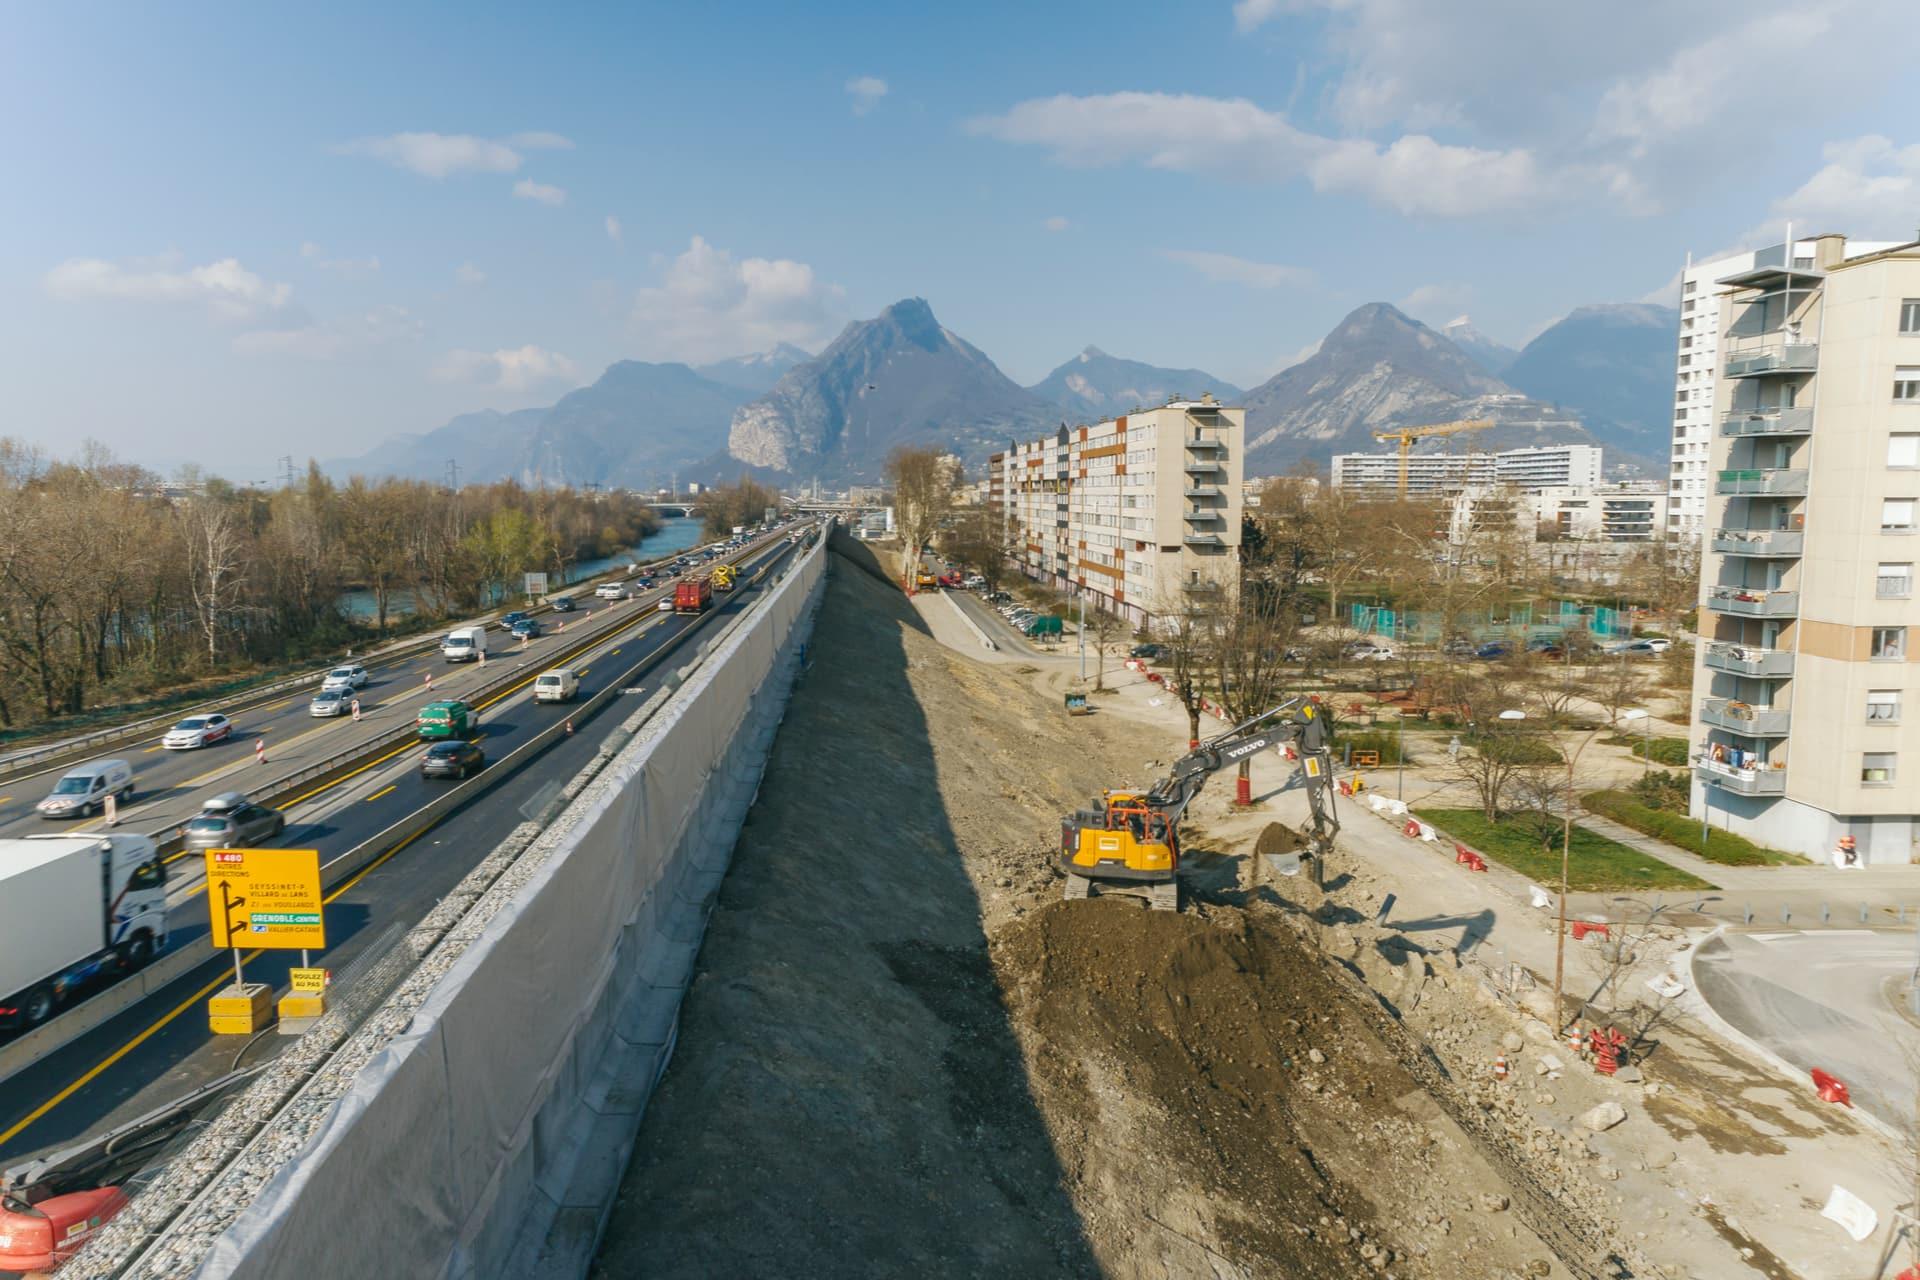 vue de l'écran acoustique végétal en cours de réalisation sur le secteur de Mistral à Grenoble le long de l'autoroute A480